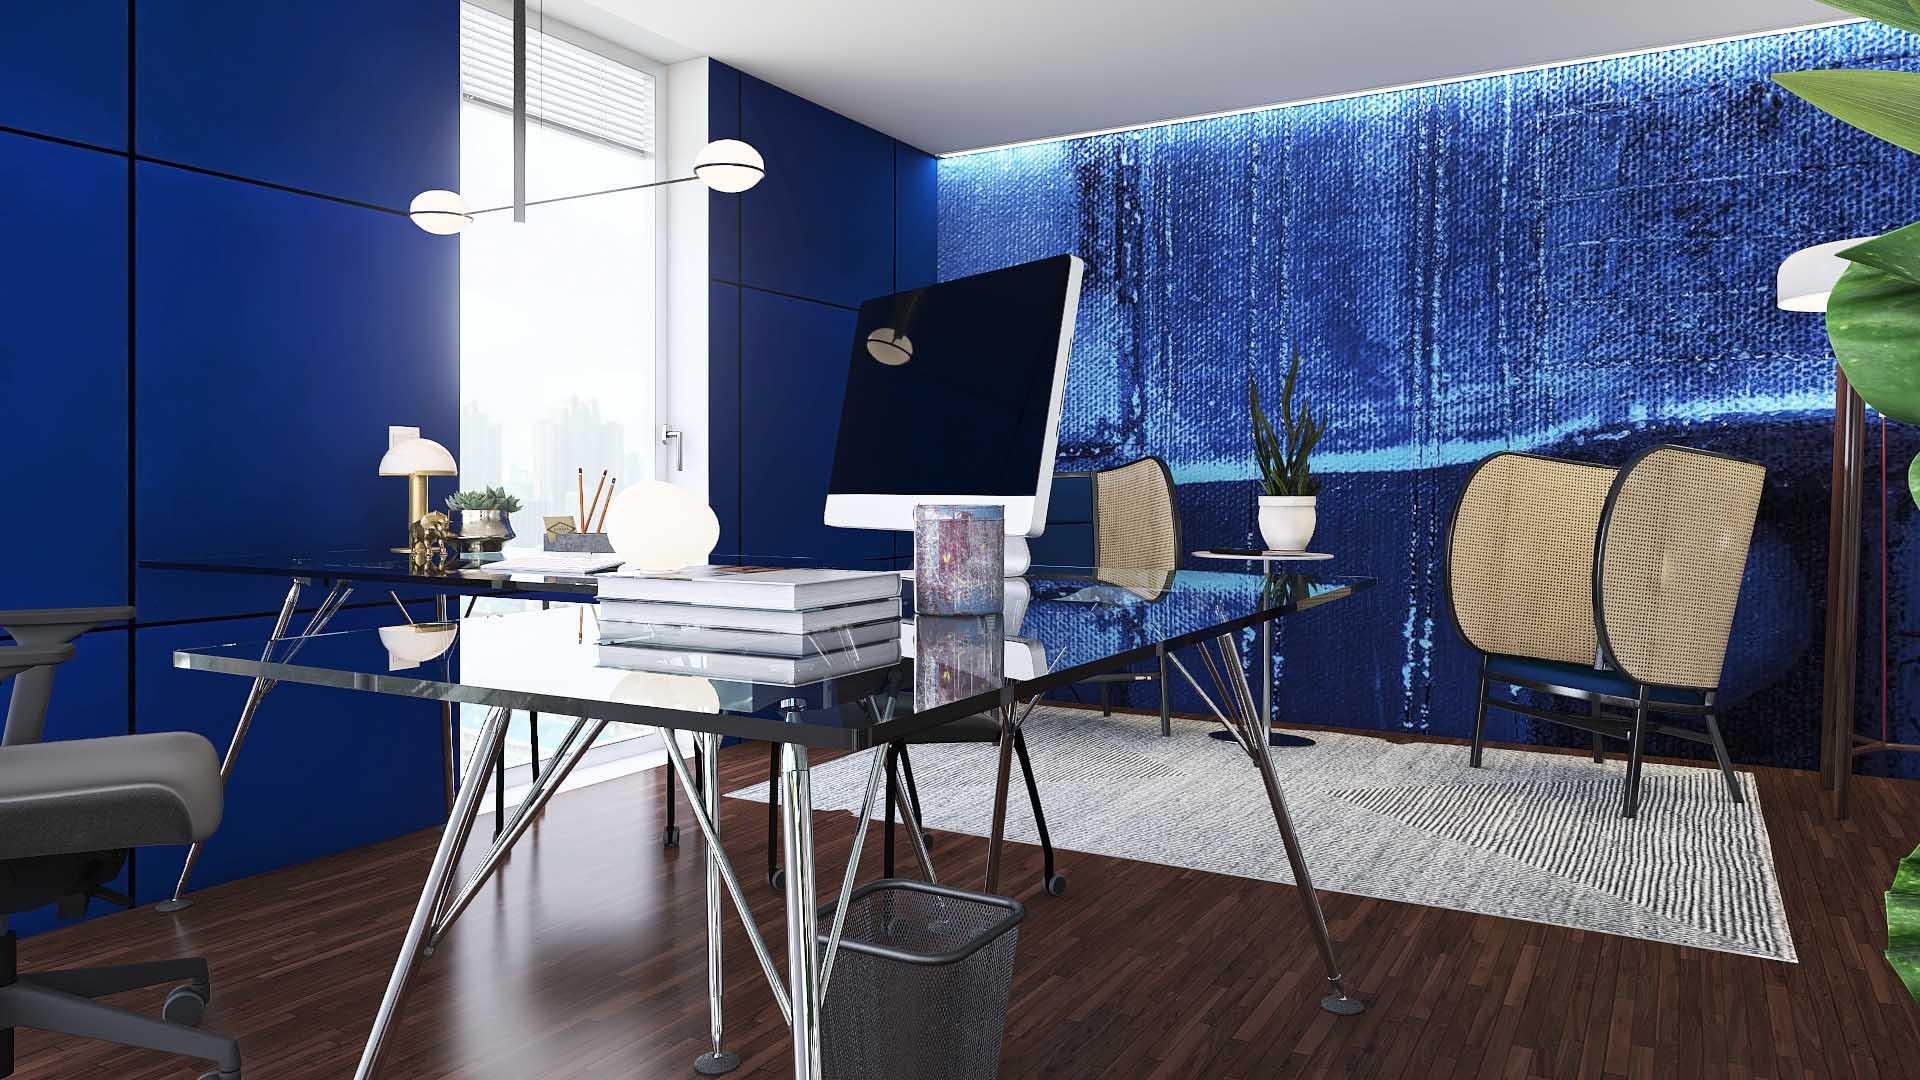 Büro_Einrichtung_blau